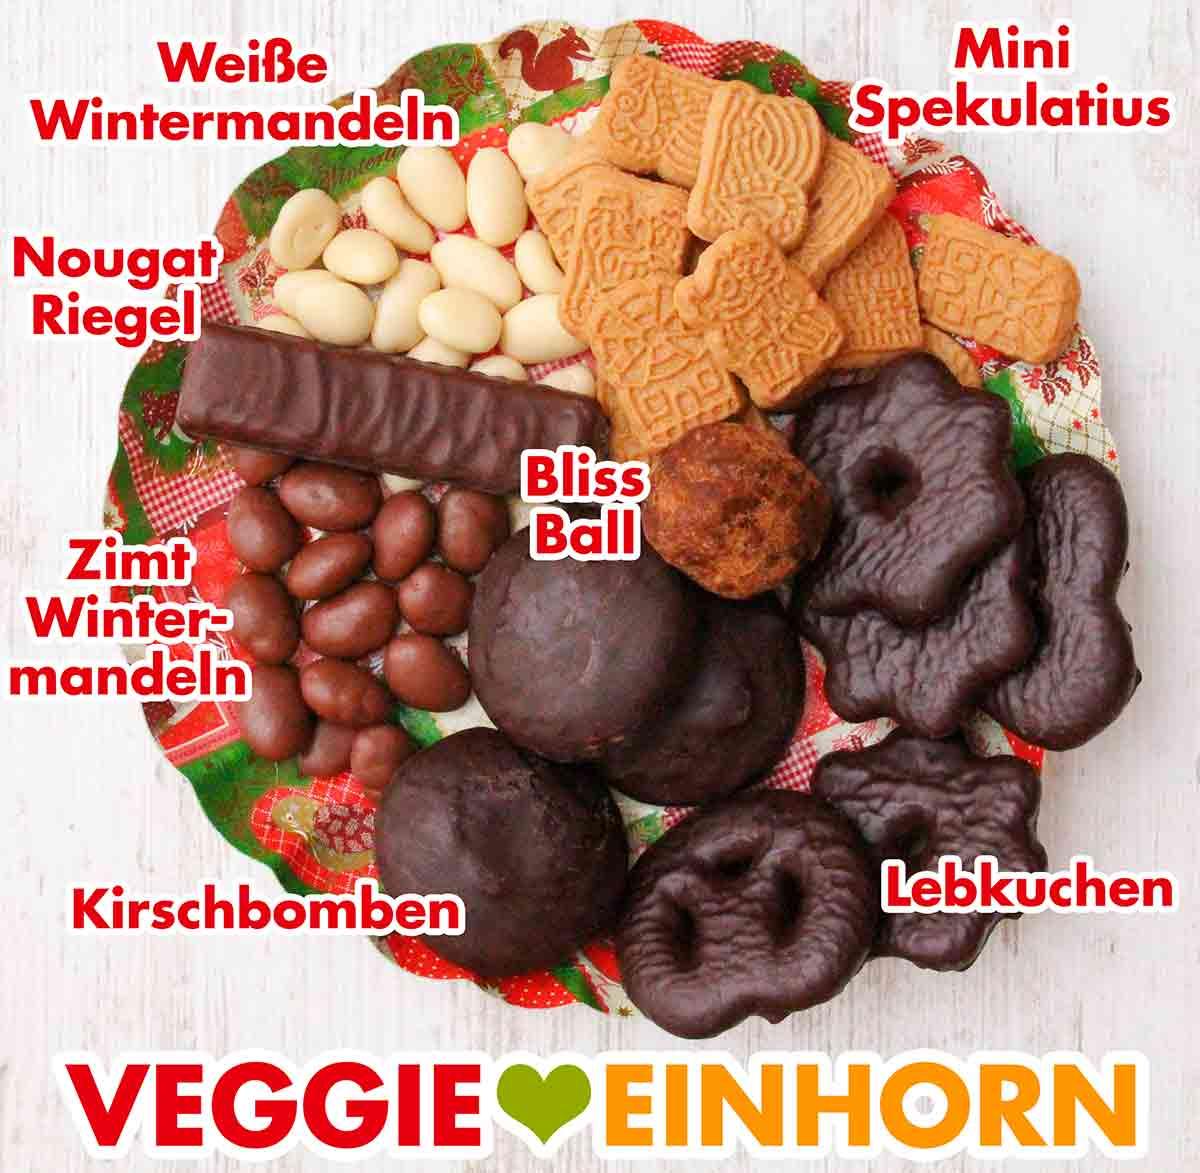 Vegane Süßigkeiten von Veganz für Weihnachten auf einem Teller